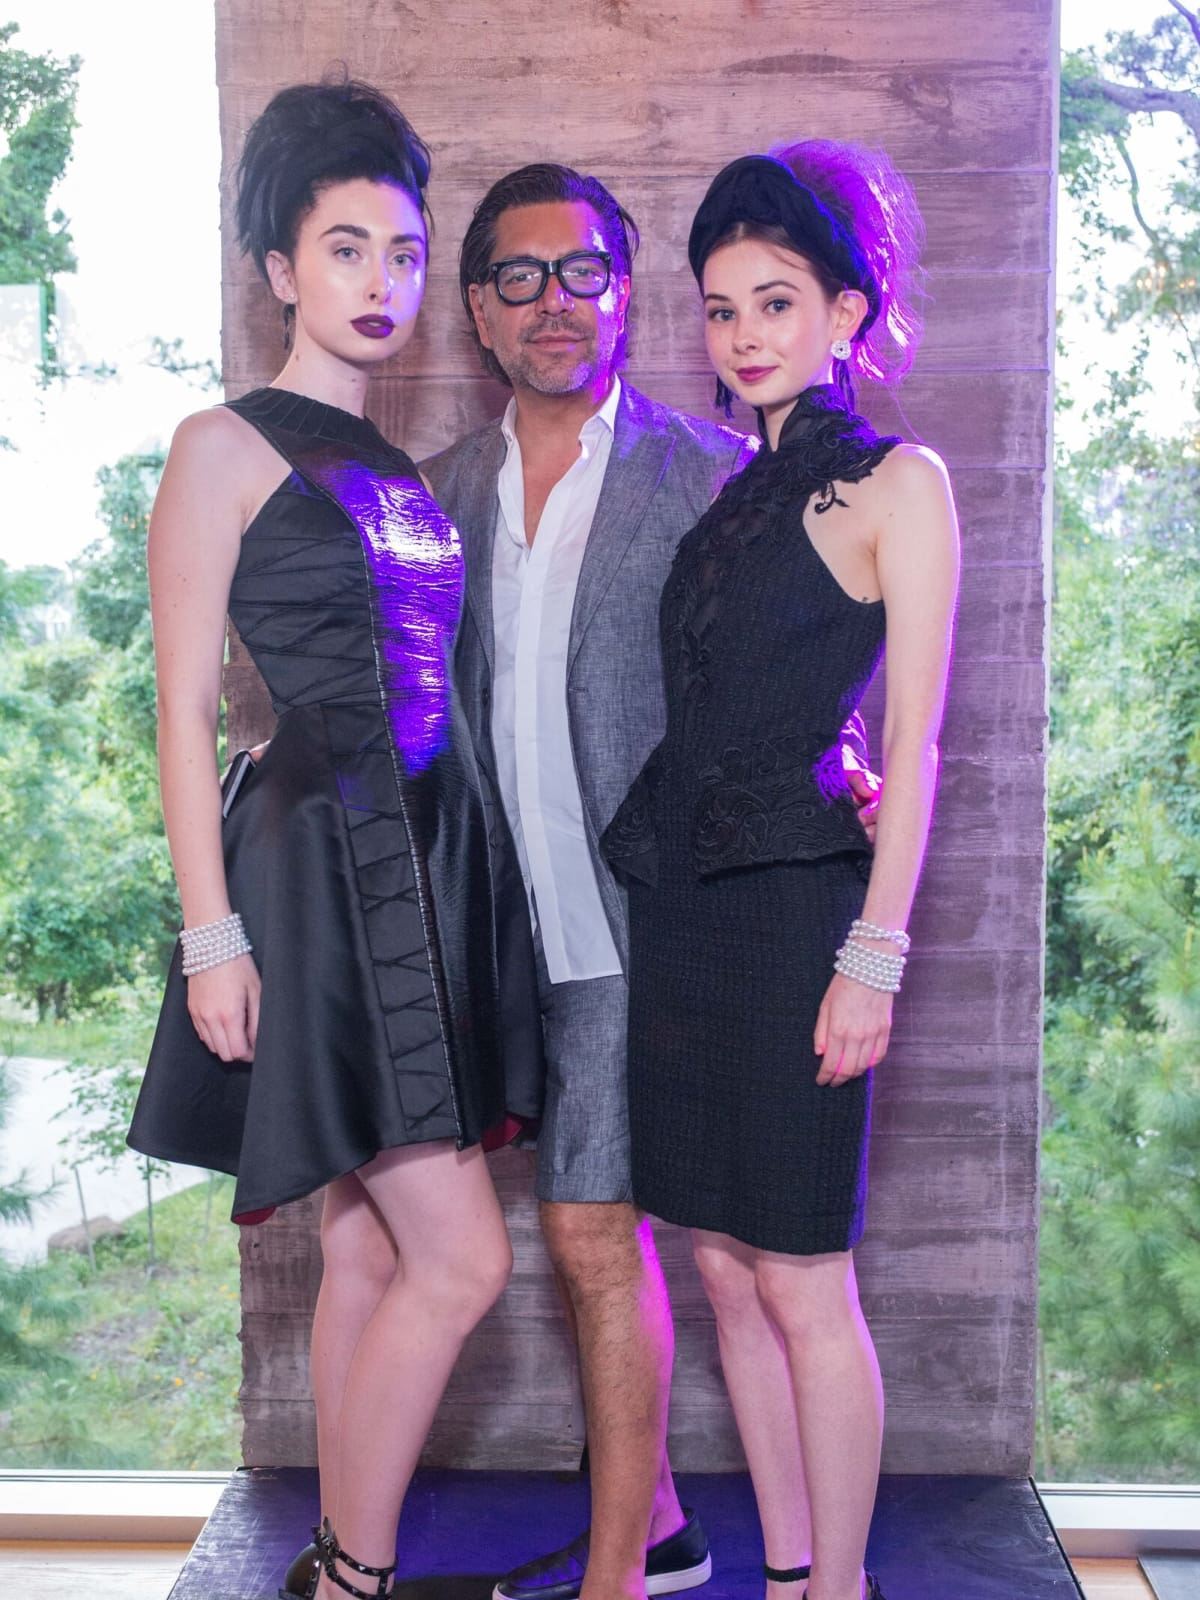 Ceron, Purple party